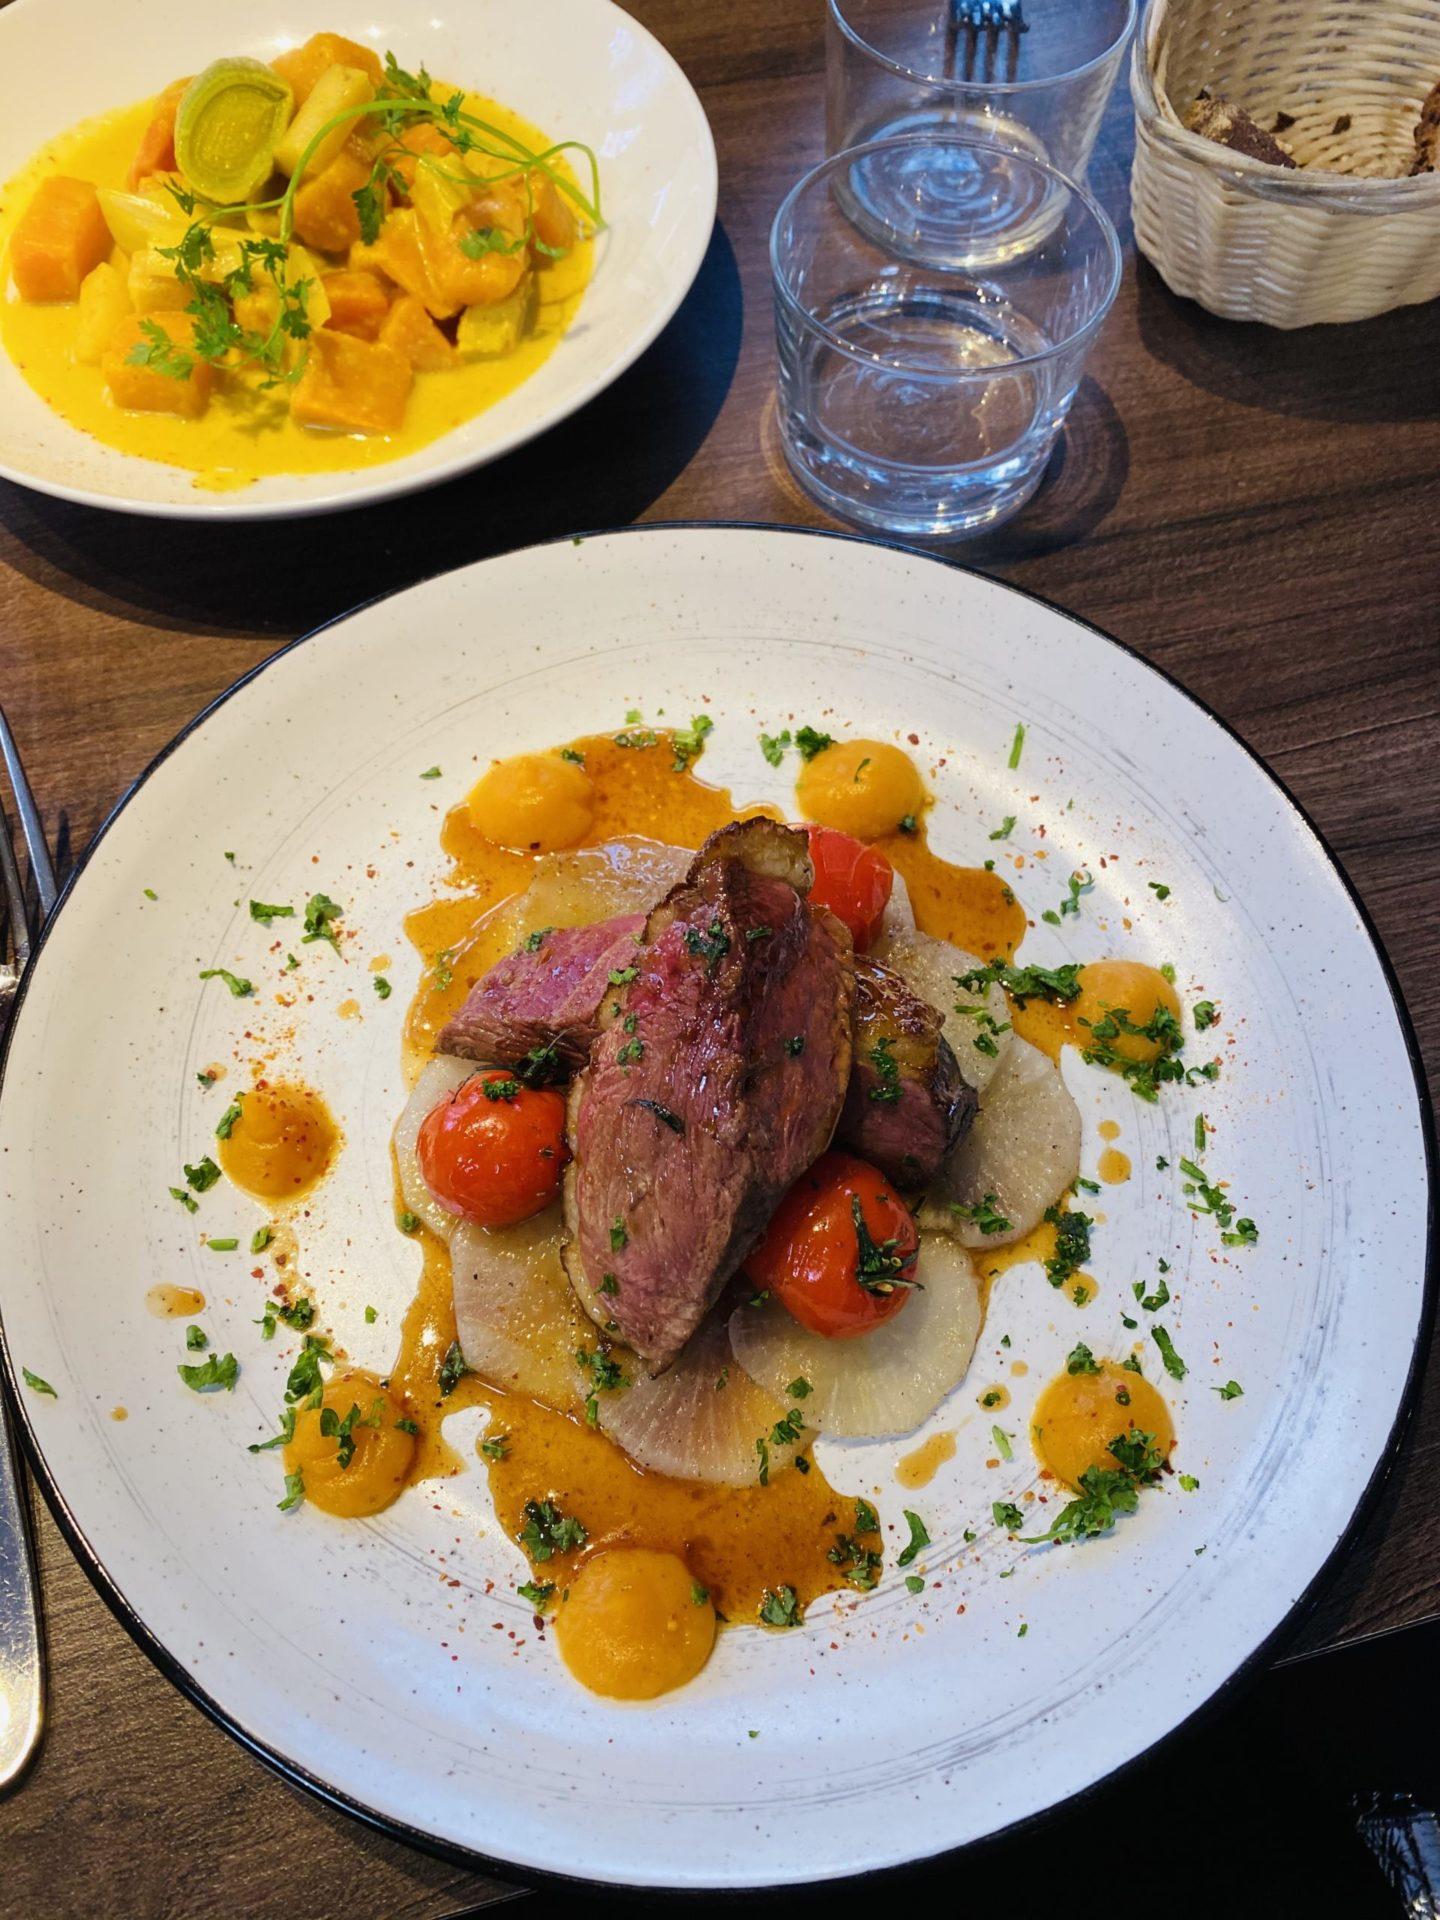 Le-potager-des-halles-restaurant-lyon3